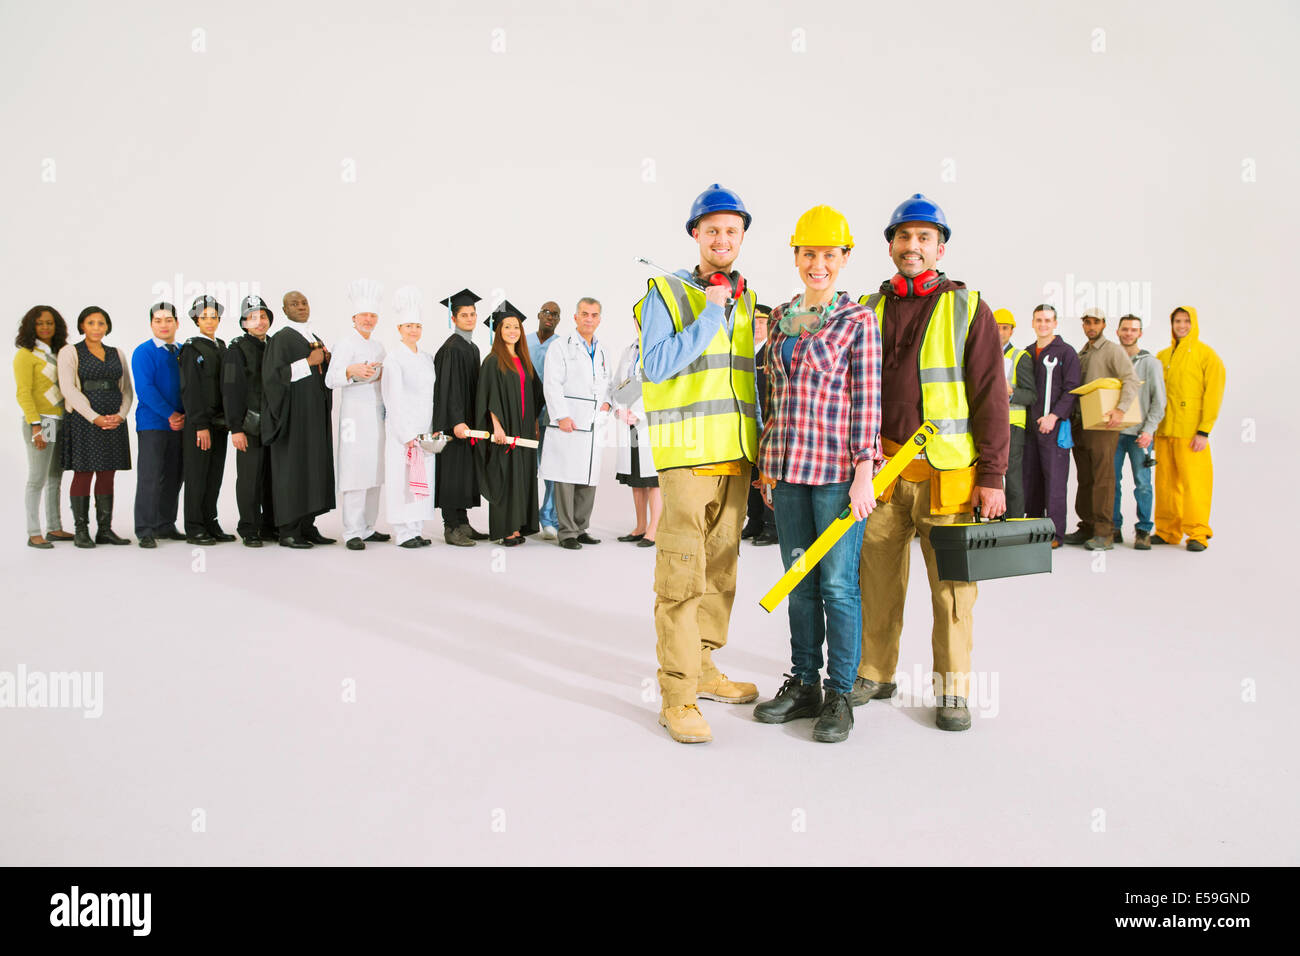 Ritratto di lavoratori edili nella parte anteriore della forza lavoro Immagini Stock